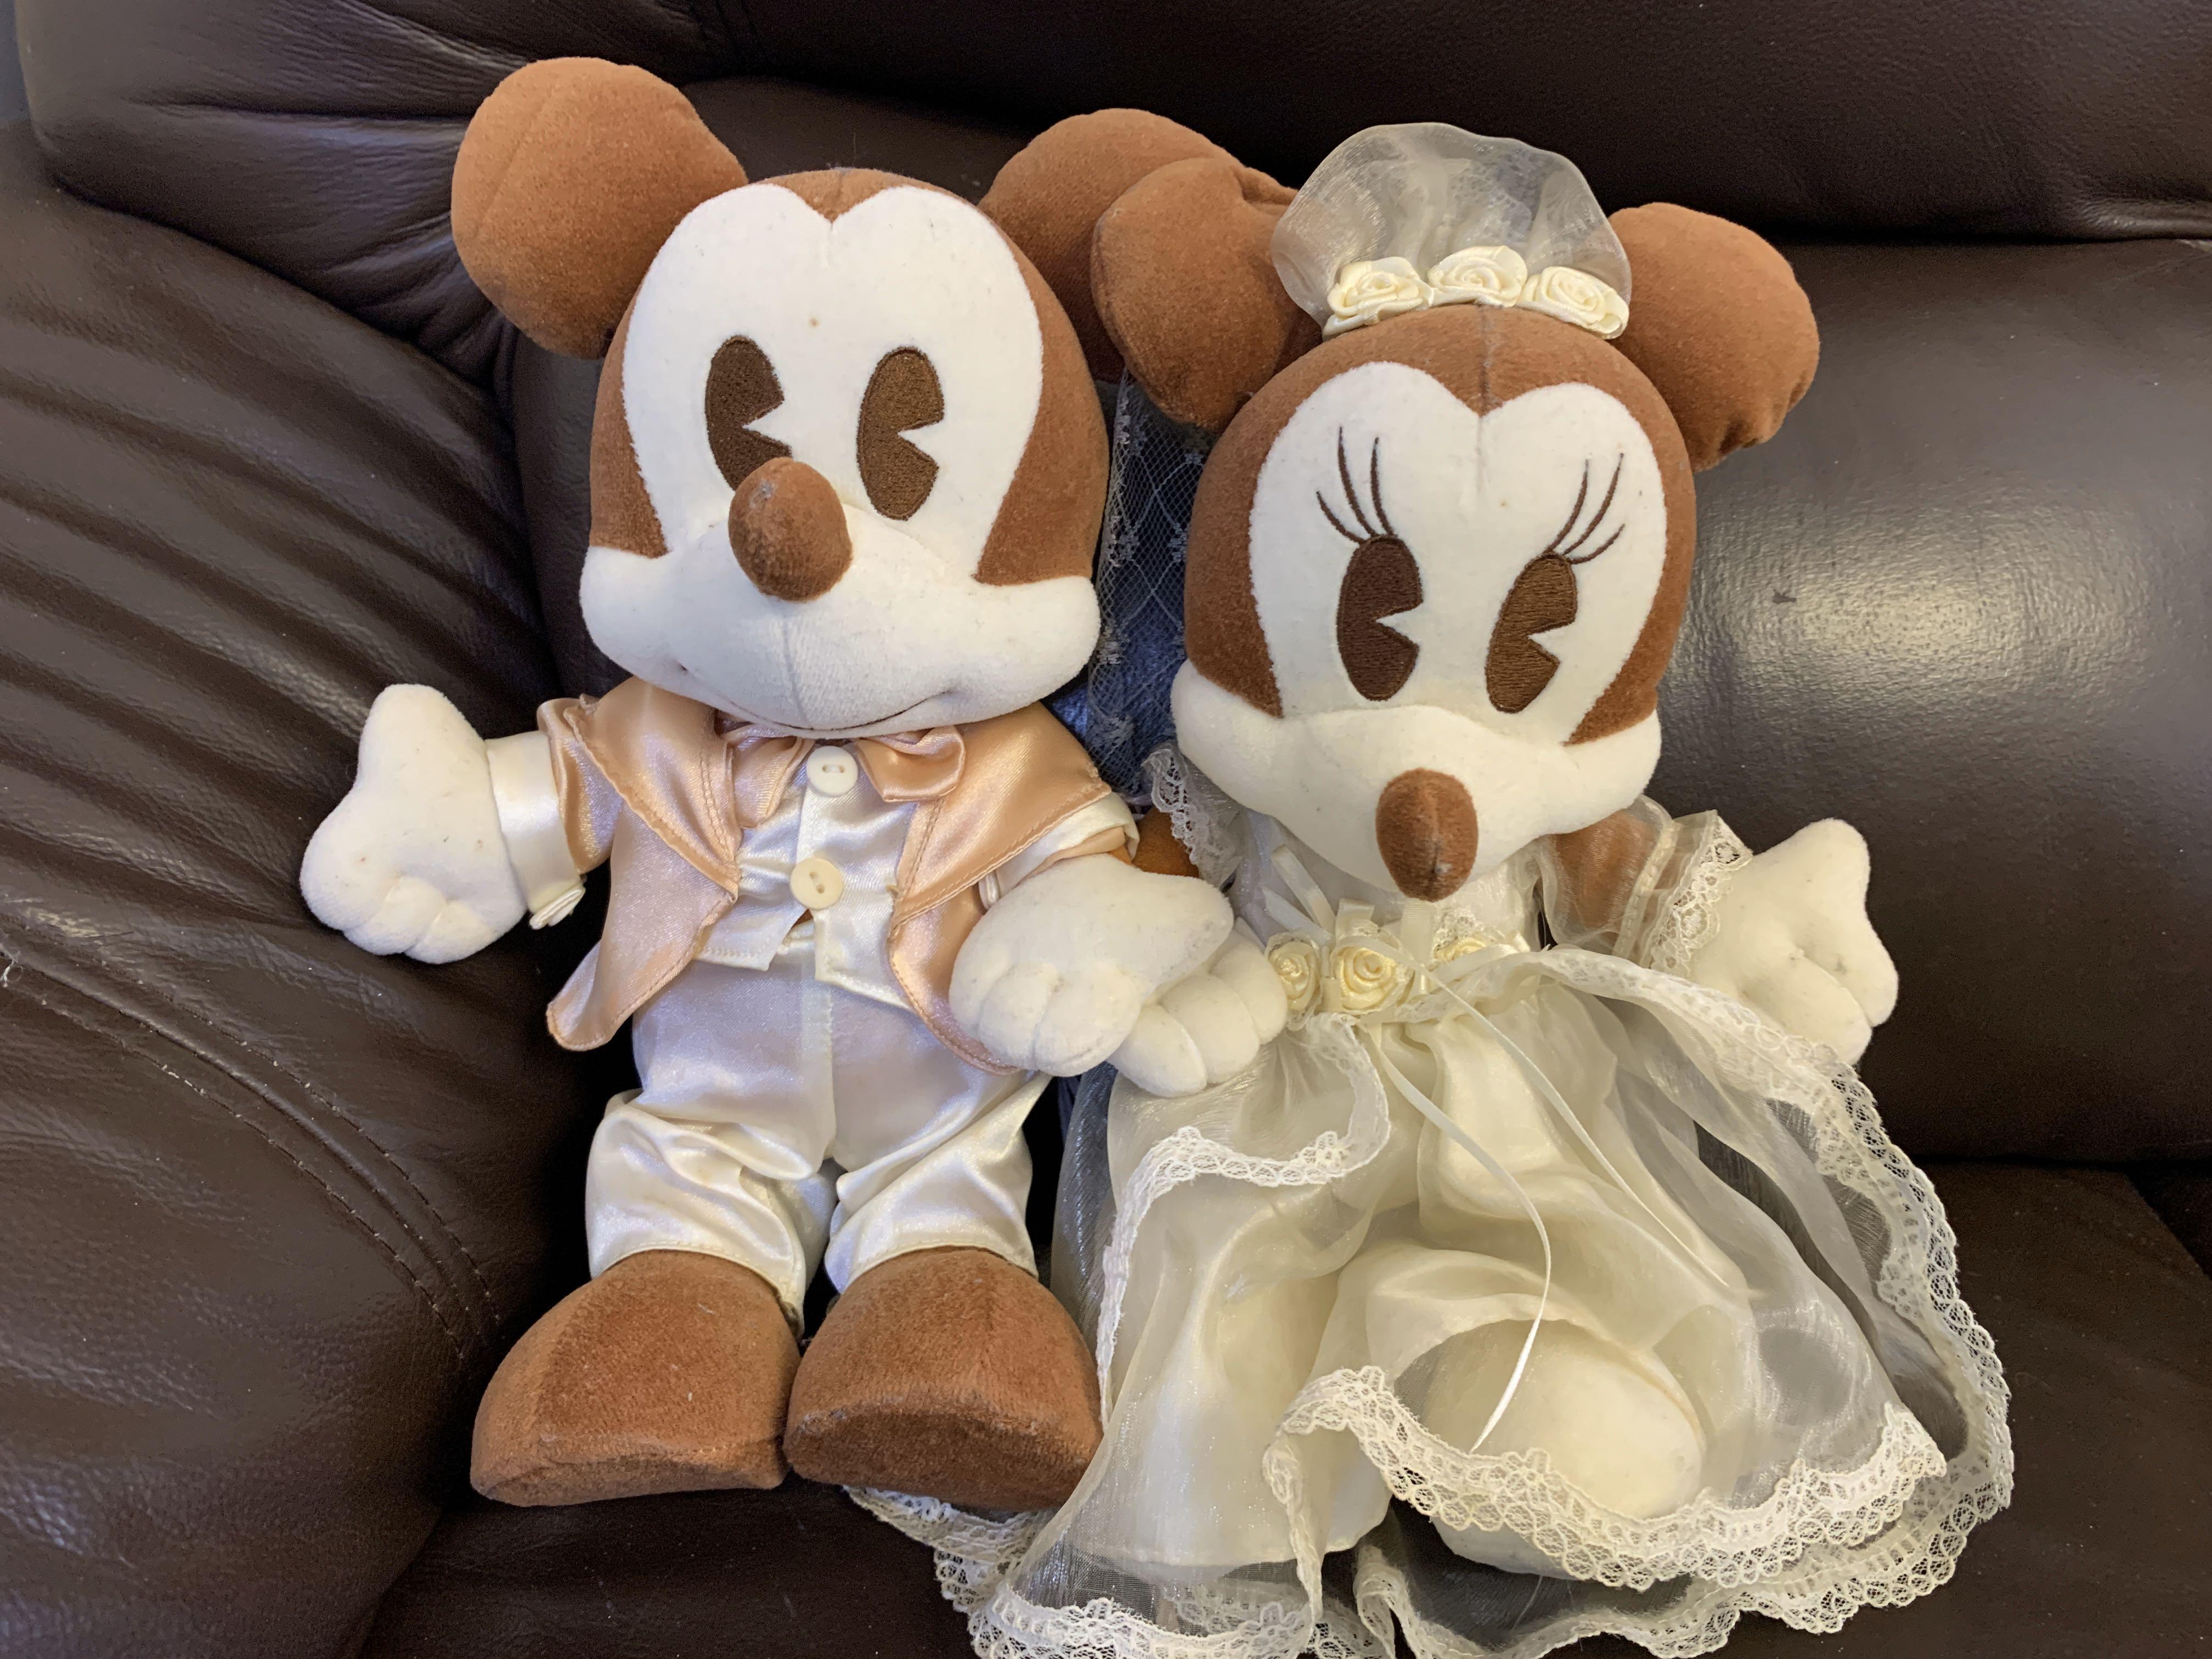 米奇及米妮結婚公仔, disneyland, 其實係一樣高, 其他 - Carousell